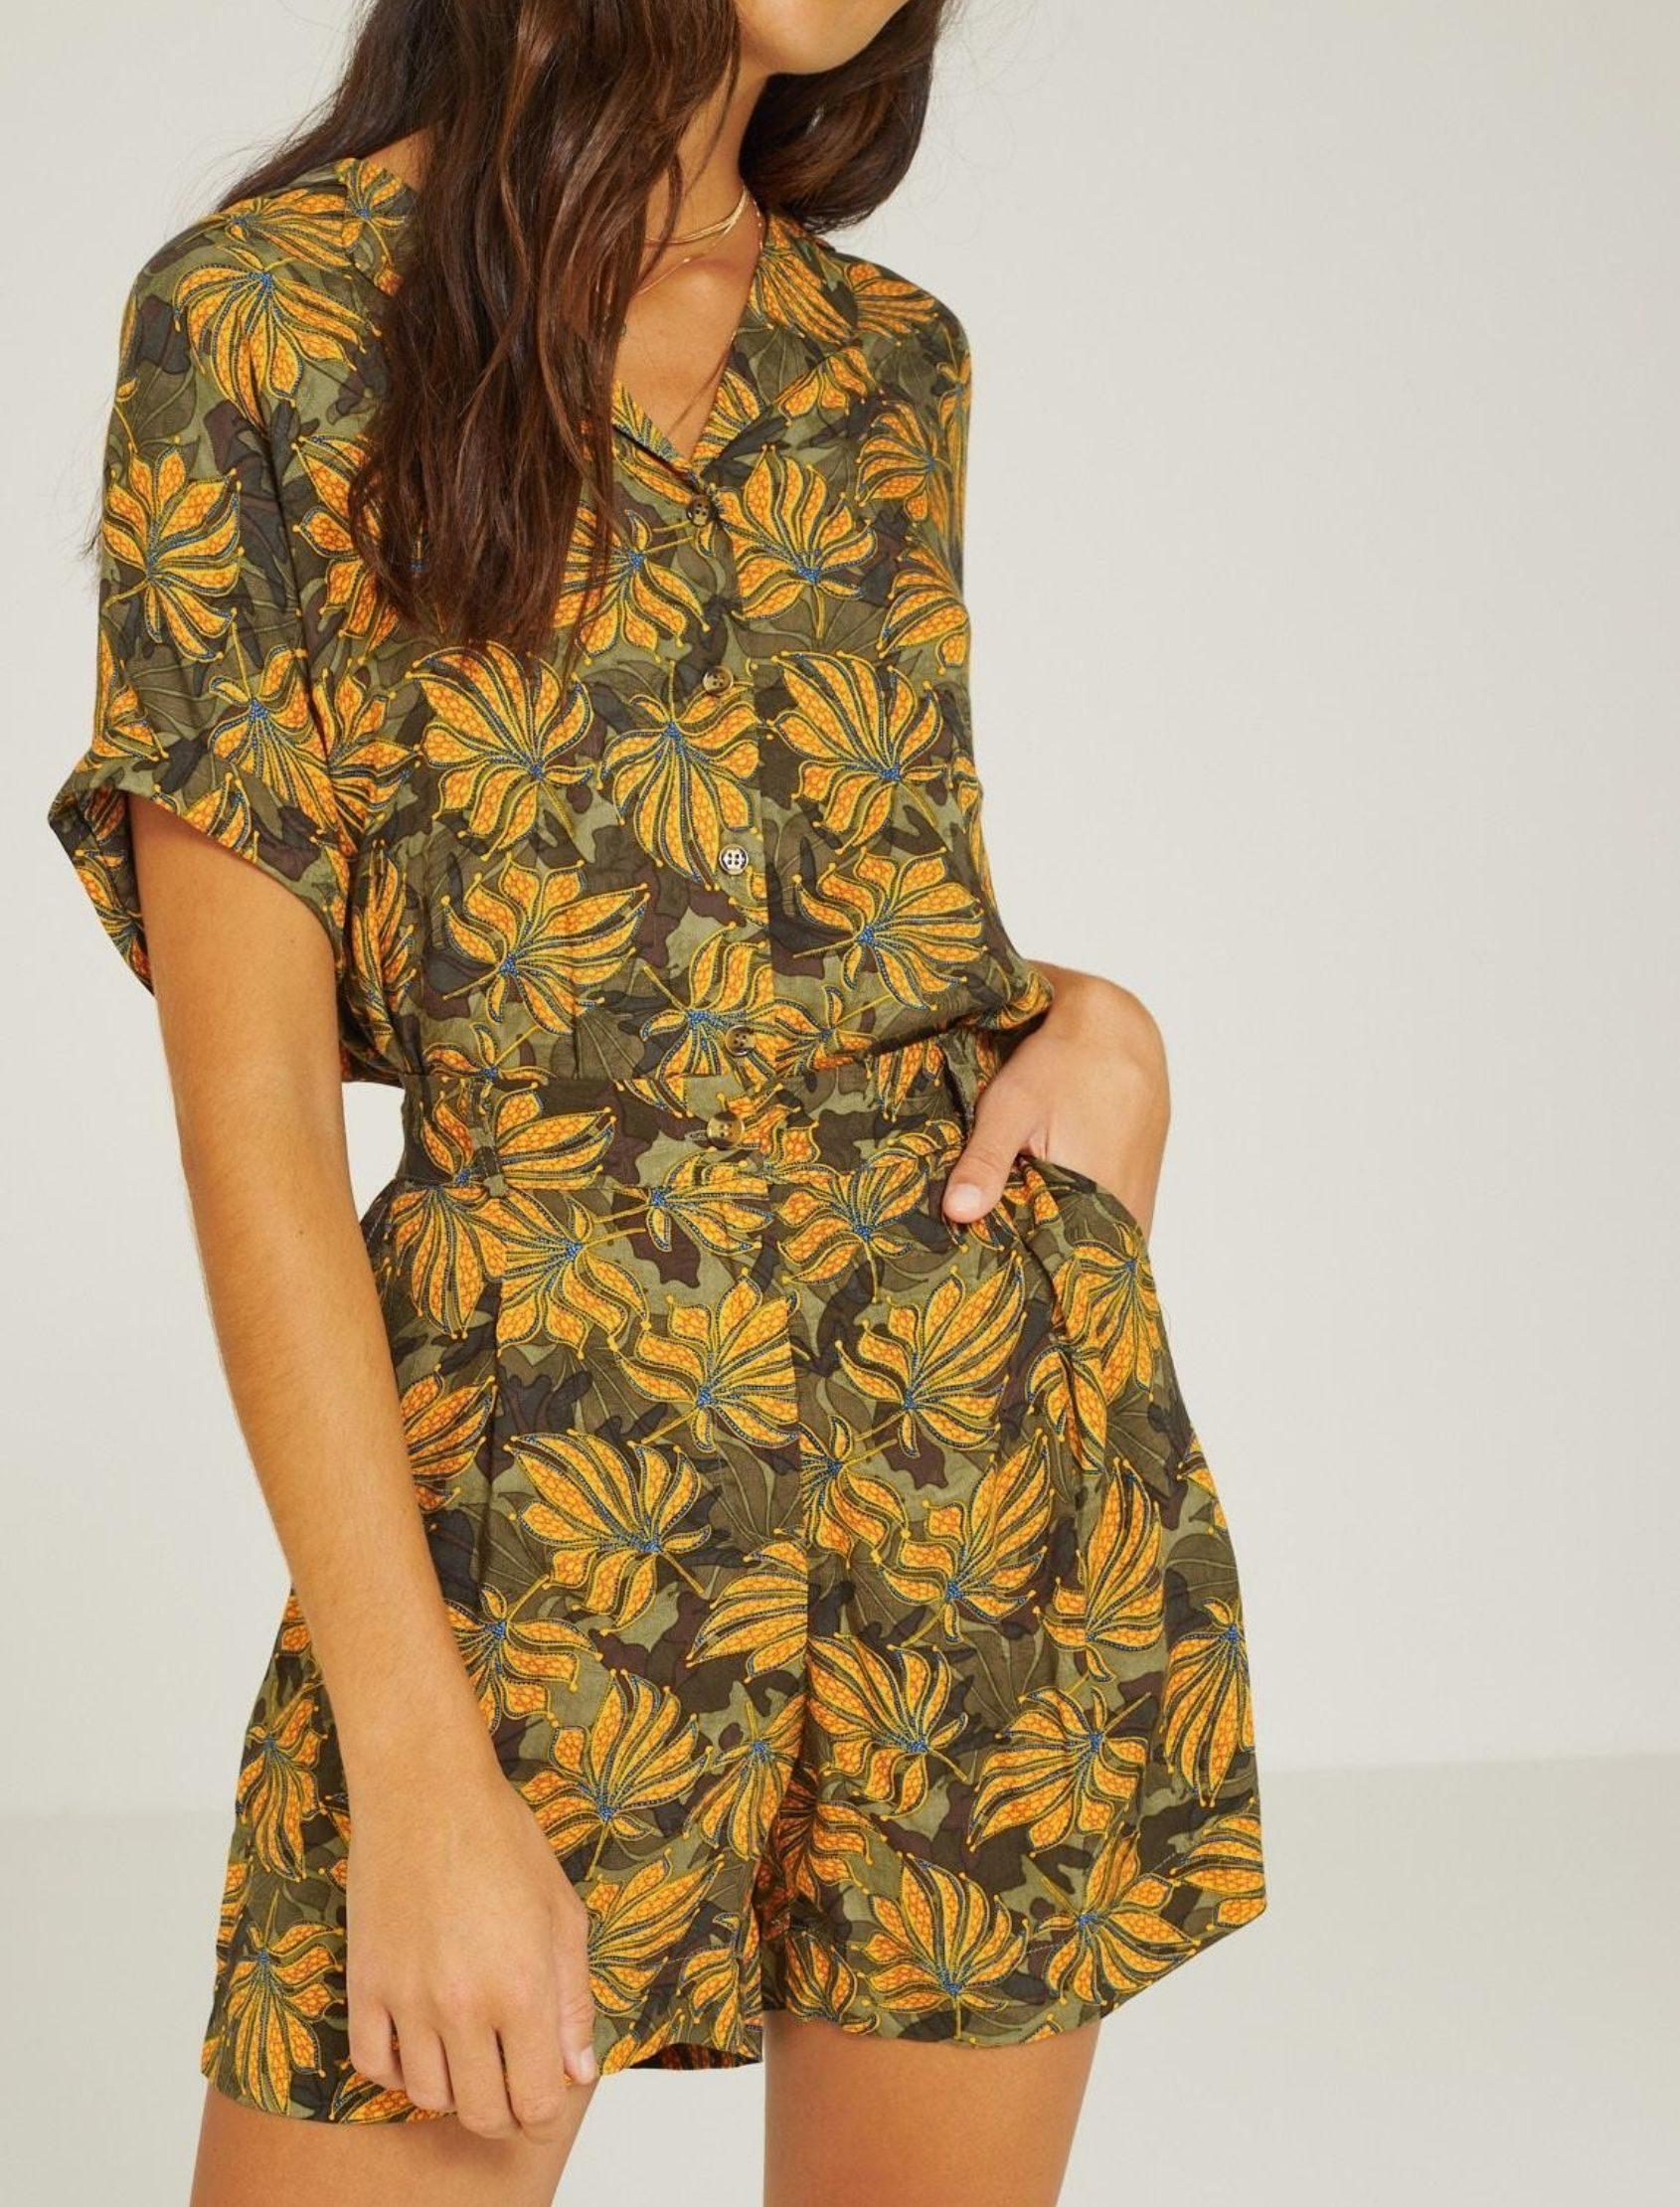 chica con short corto con estampado simulando camuflaje de flores de la marca yerse